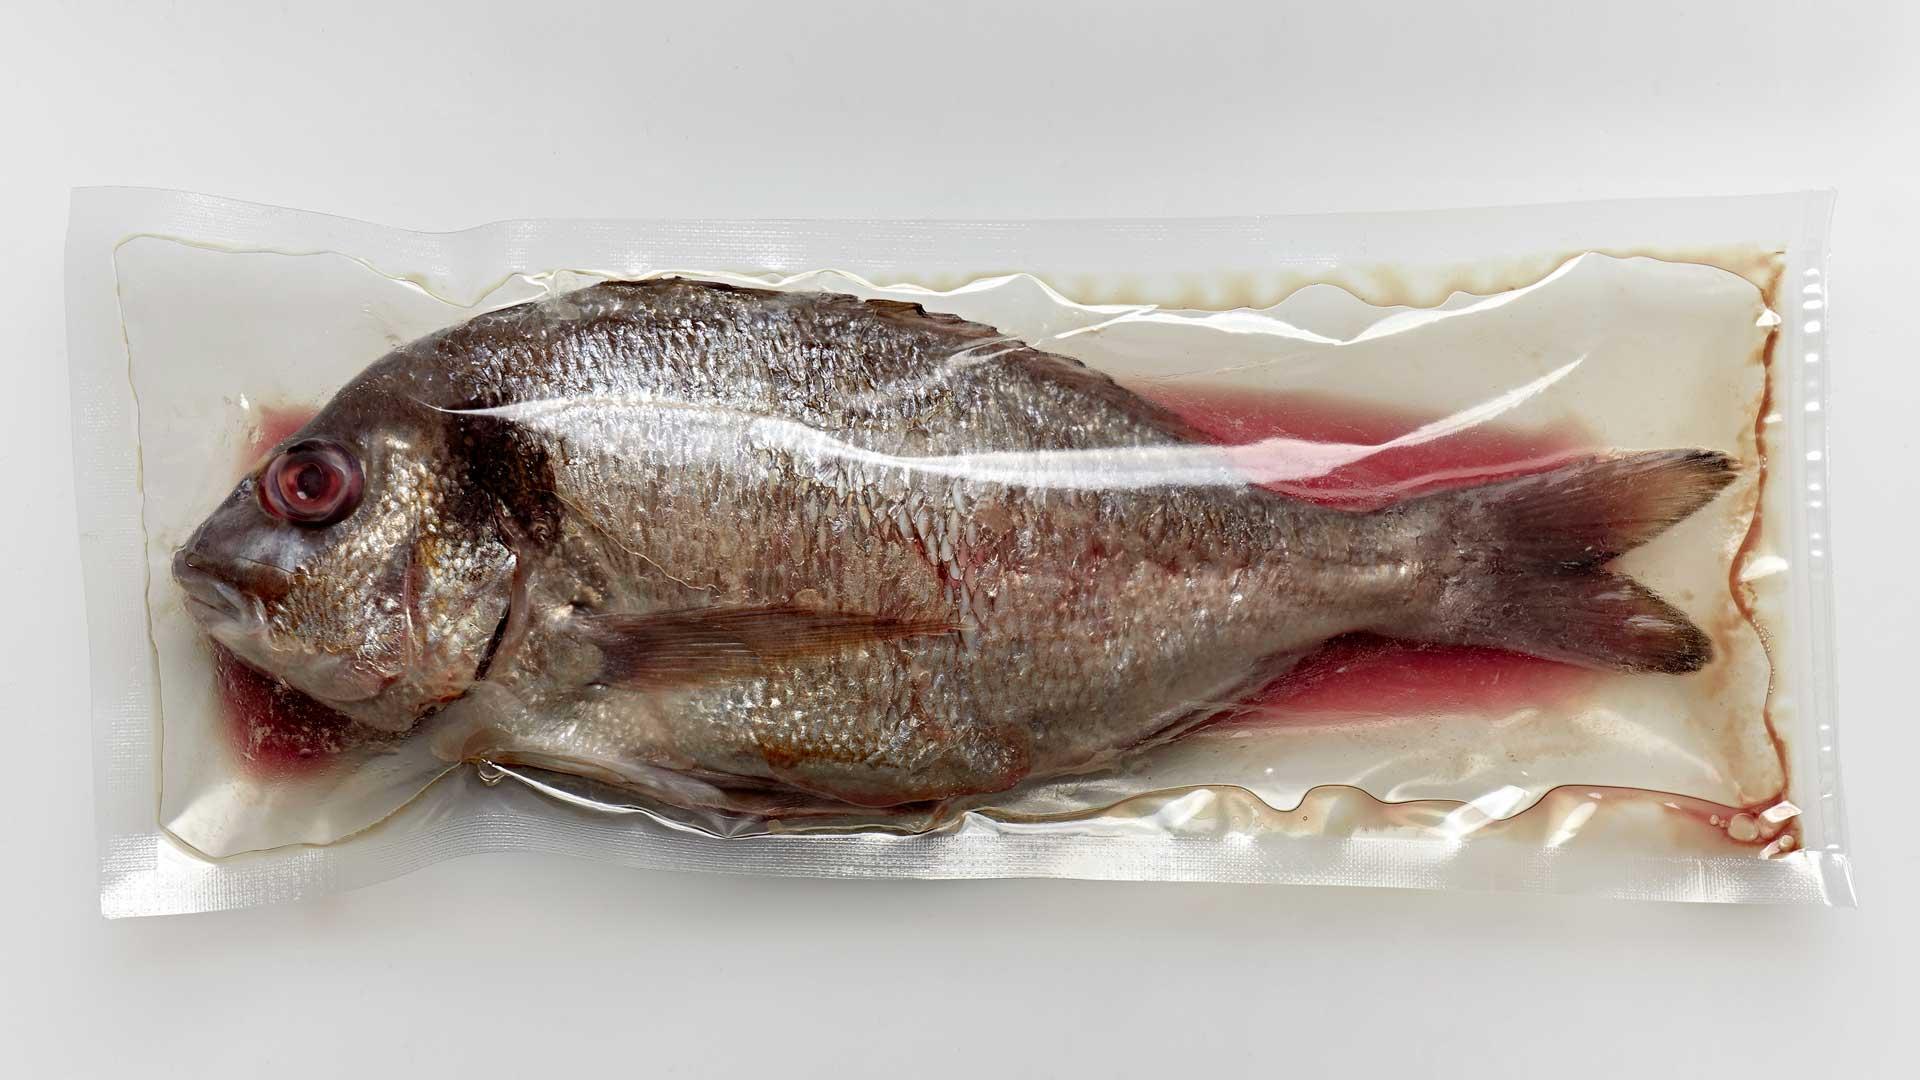 Fisch in Plastik